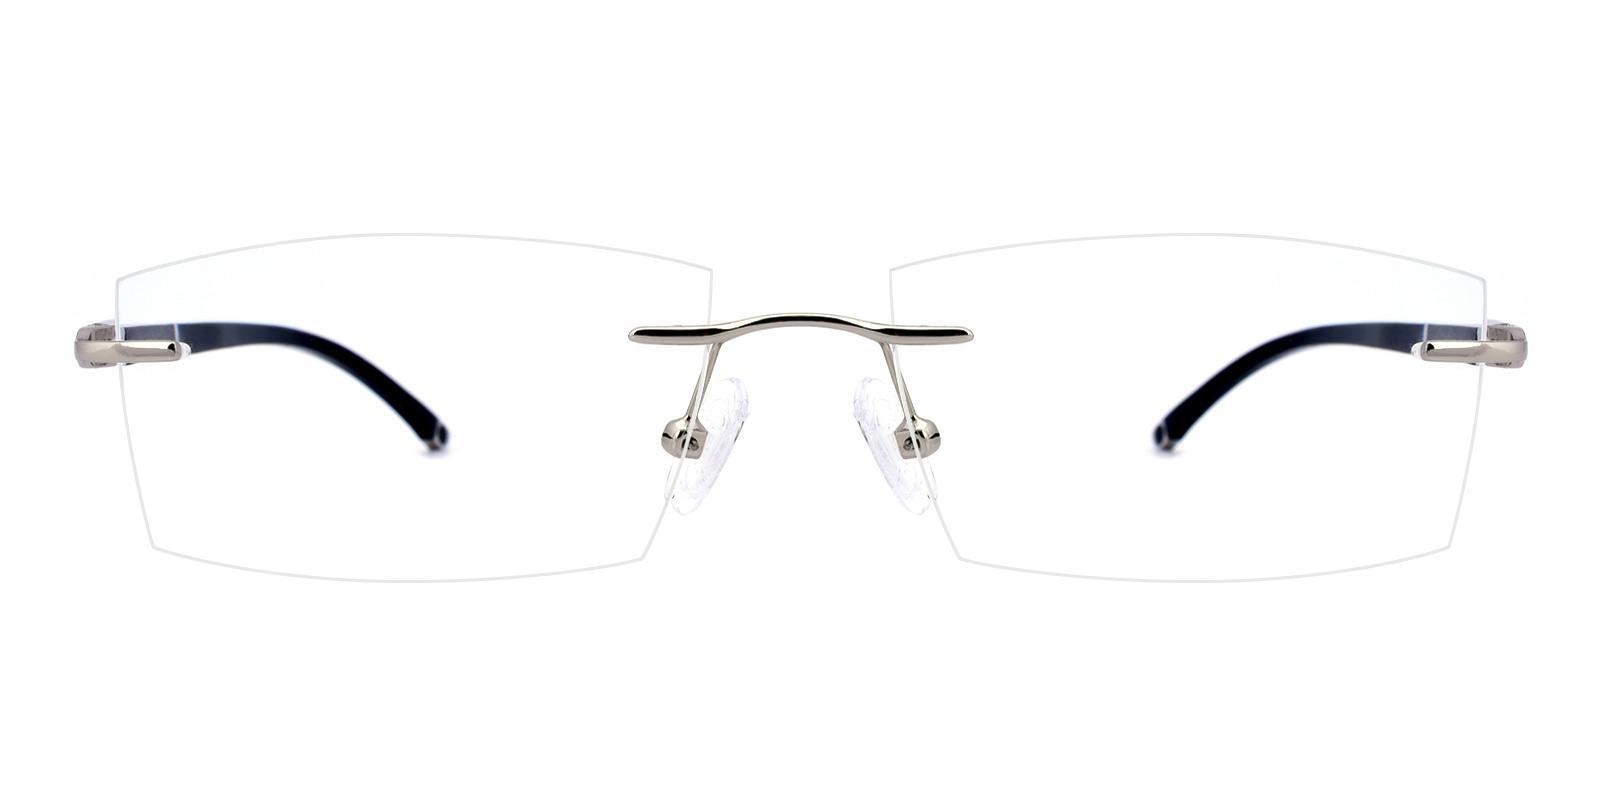 Doumbia-Silver-Rectangle-Titanium-Eyeglasses-detail